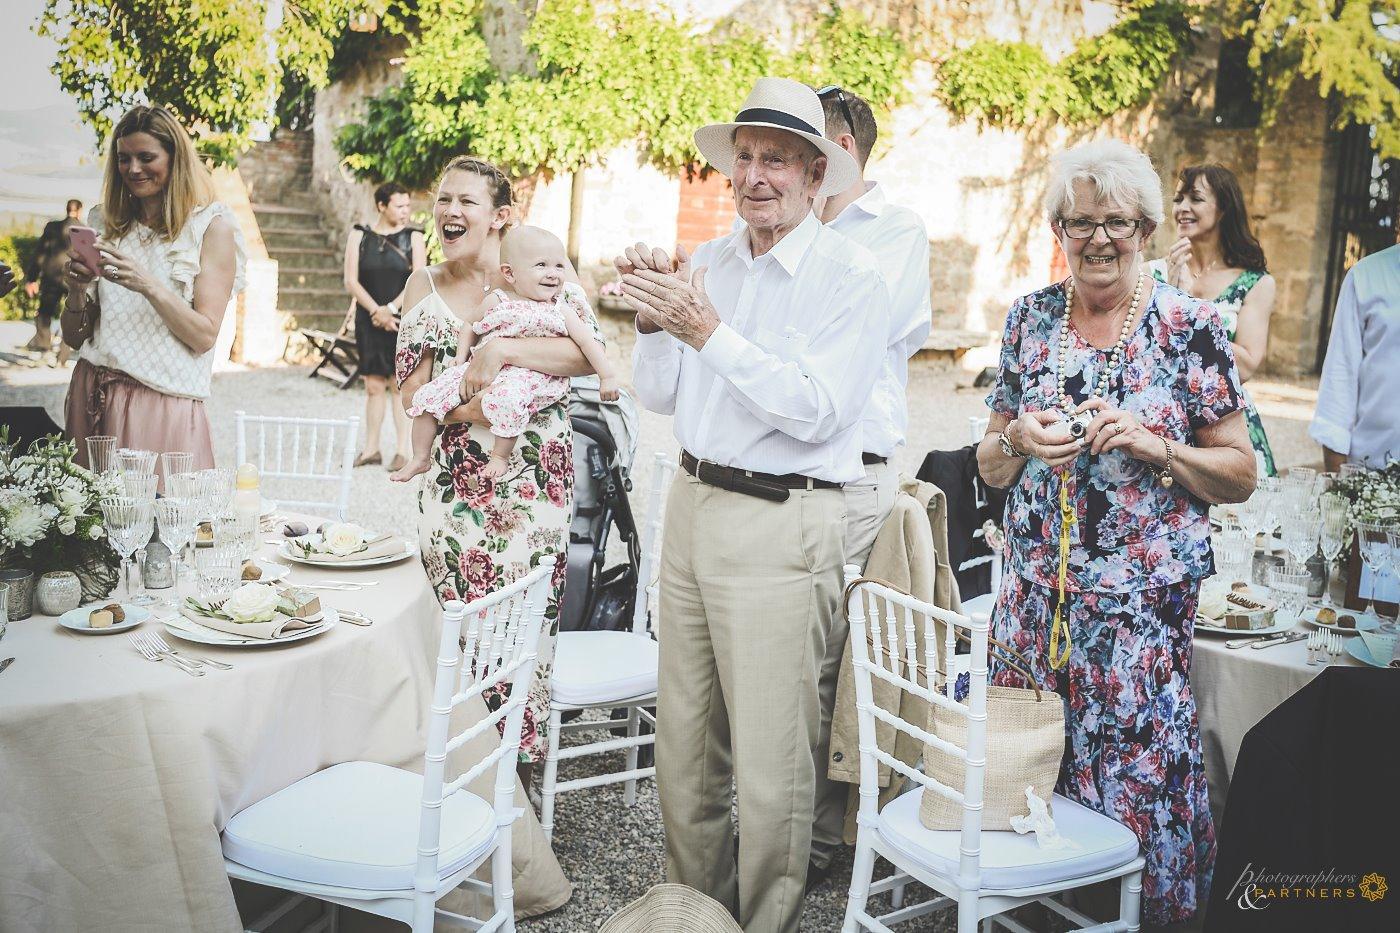 wedding_photos_borgo_castelvecchio_19.jpg